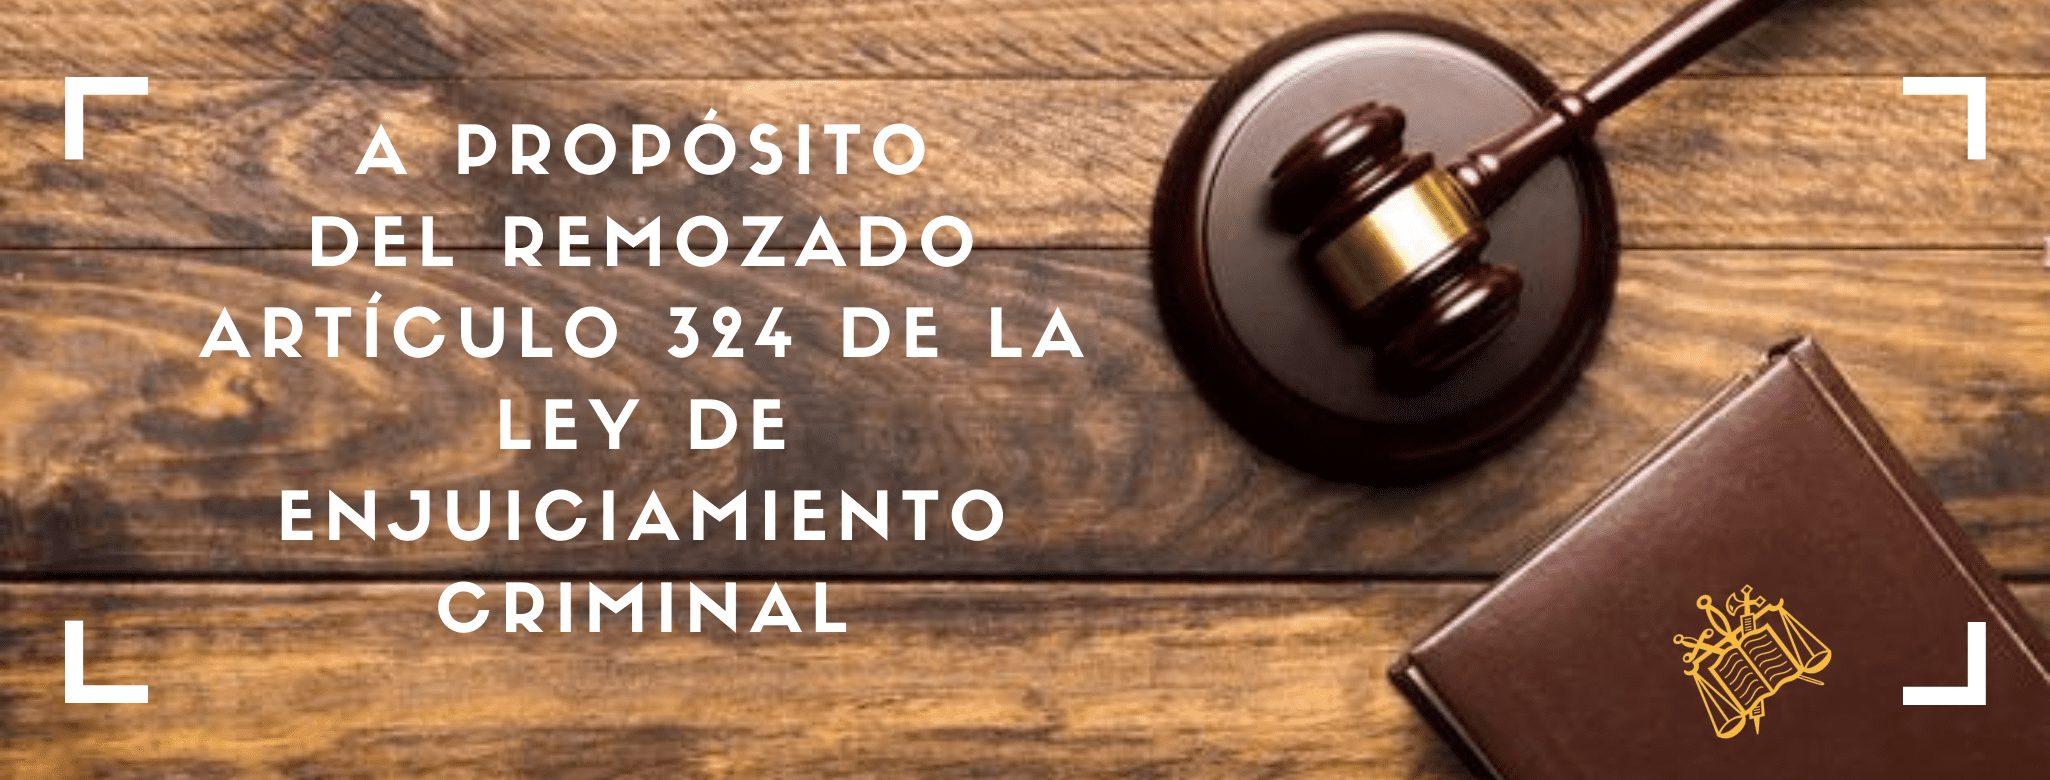 artículo 324 de la Ley de Enjuiciamiento Criminal